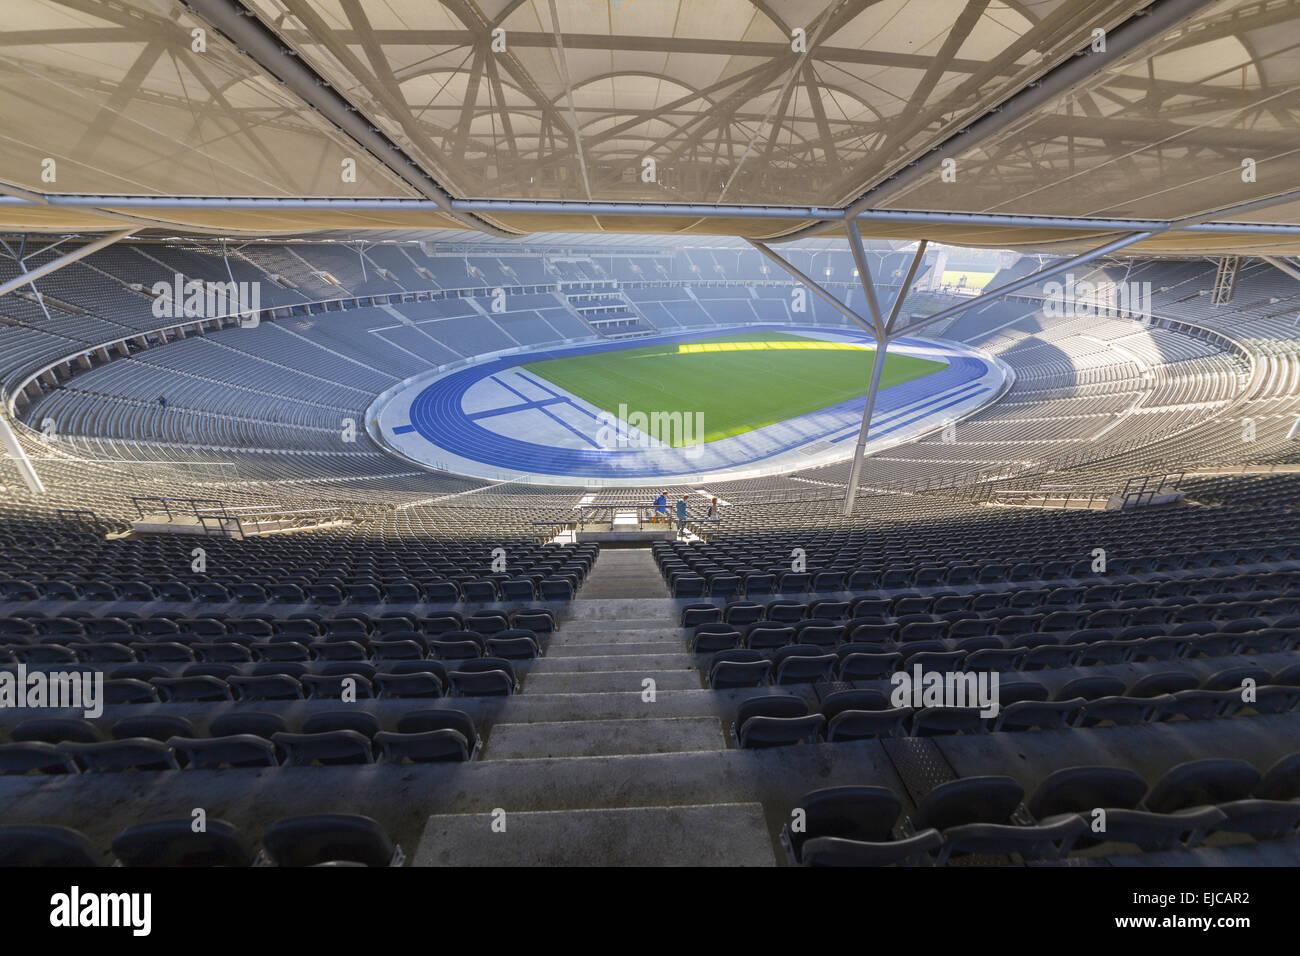 Olympic Stadium inside - Stock Image